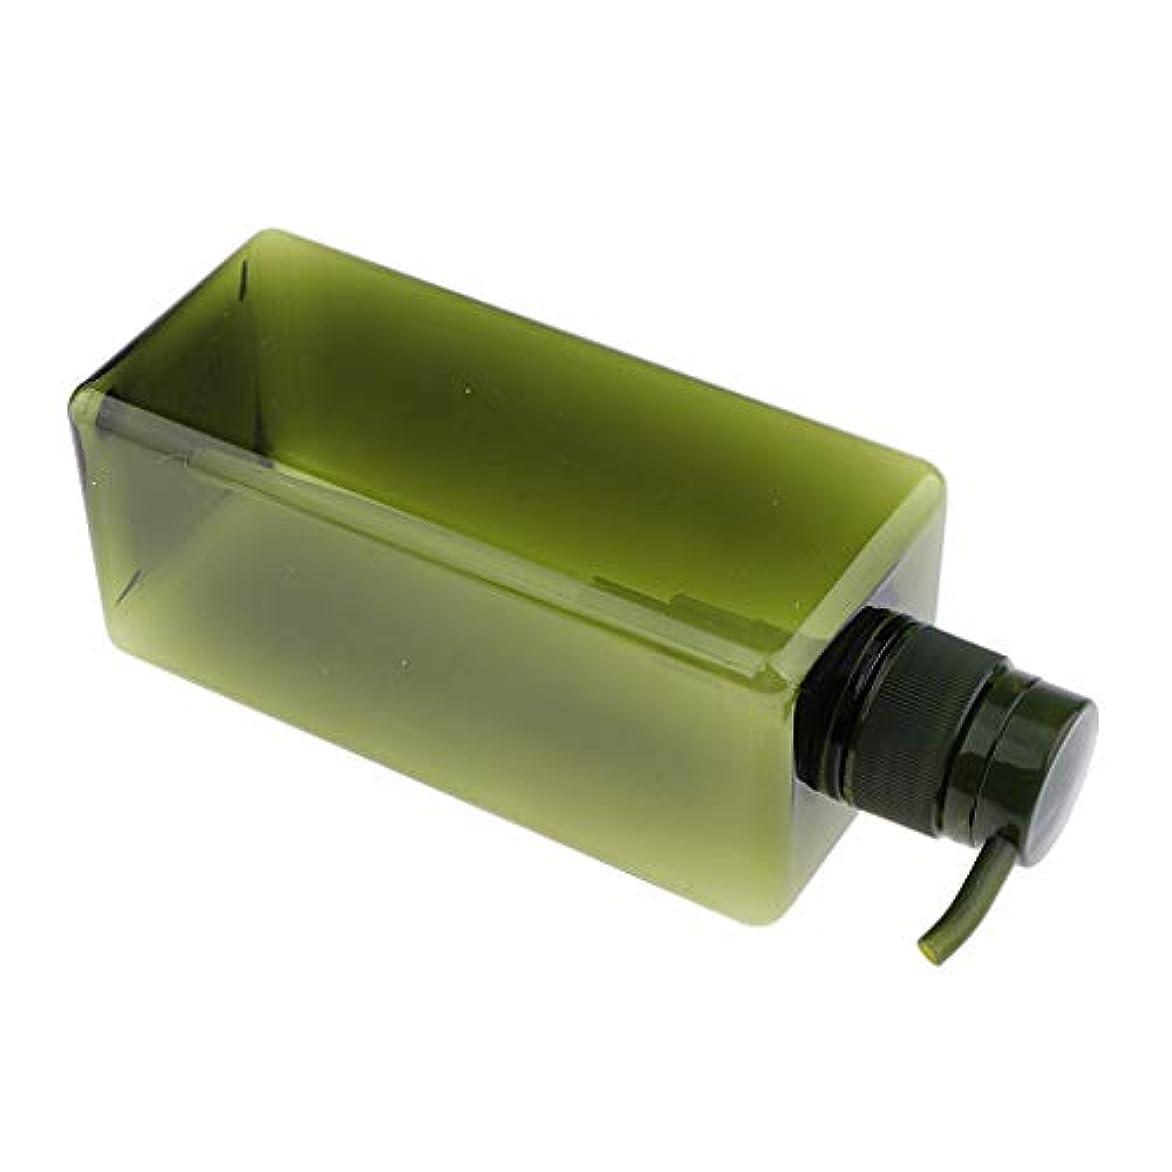 カップ水差し失うB Baosity ソープディスペンサー ローションボトル シャンプーコンテナ 650ml 高品質 プラスチック 4色選べ - グリーン